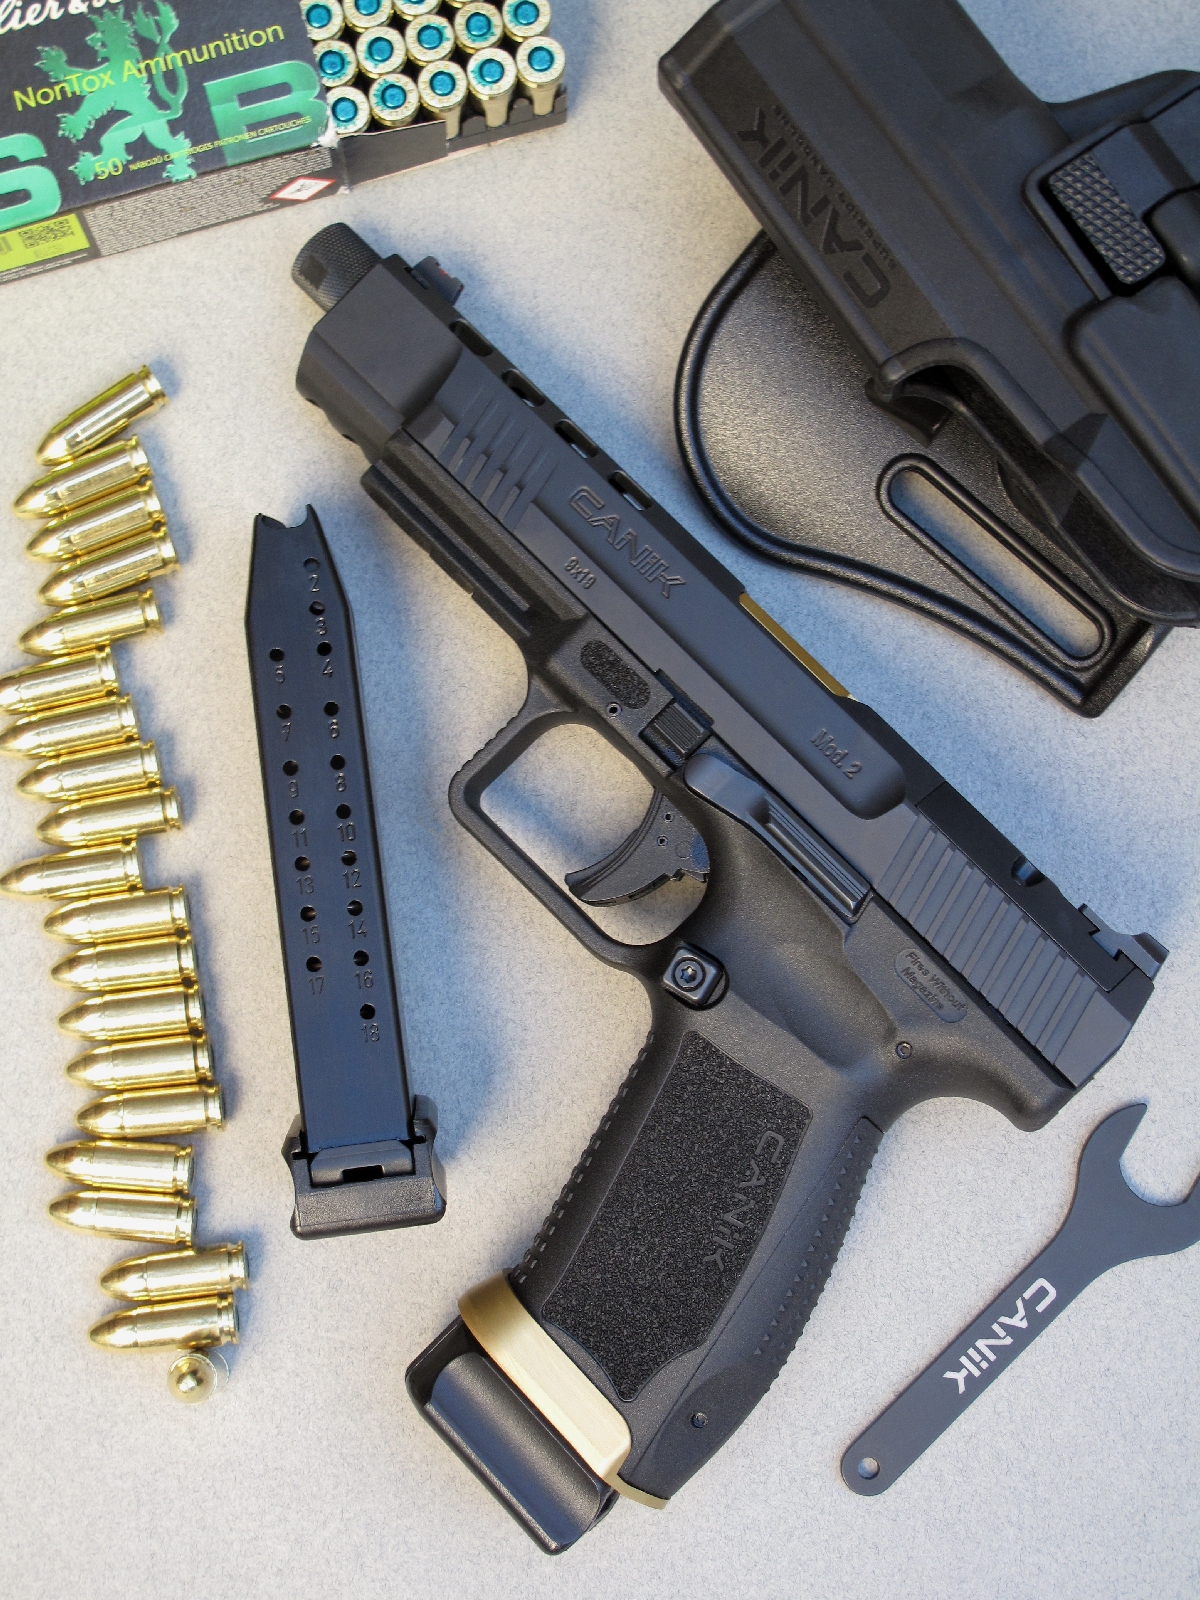 Ce pistolet est livré avec deux chargeurs de vingt coups, un holster à rétention de type Paddle ainsi que la clé permettant de dévisser la bague qui protège le filetage de son canon.